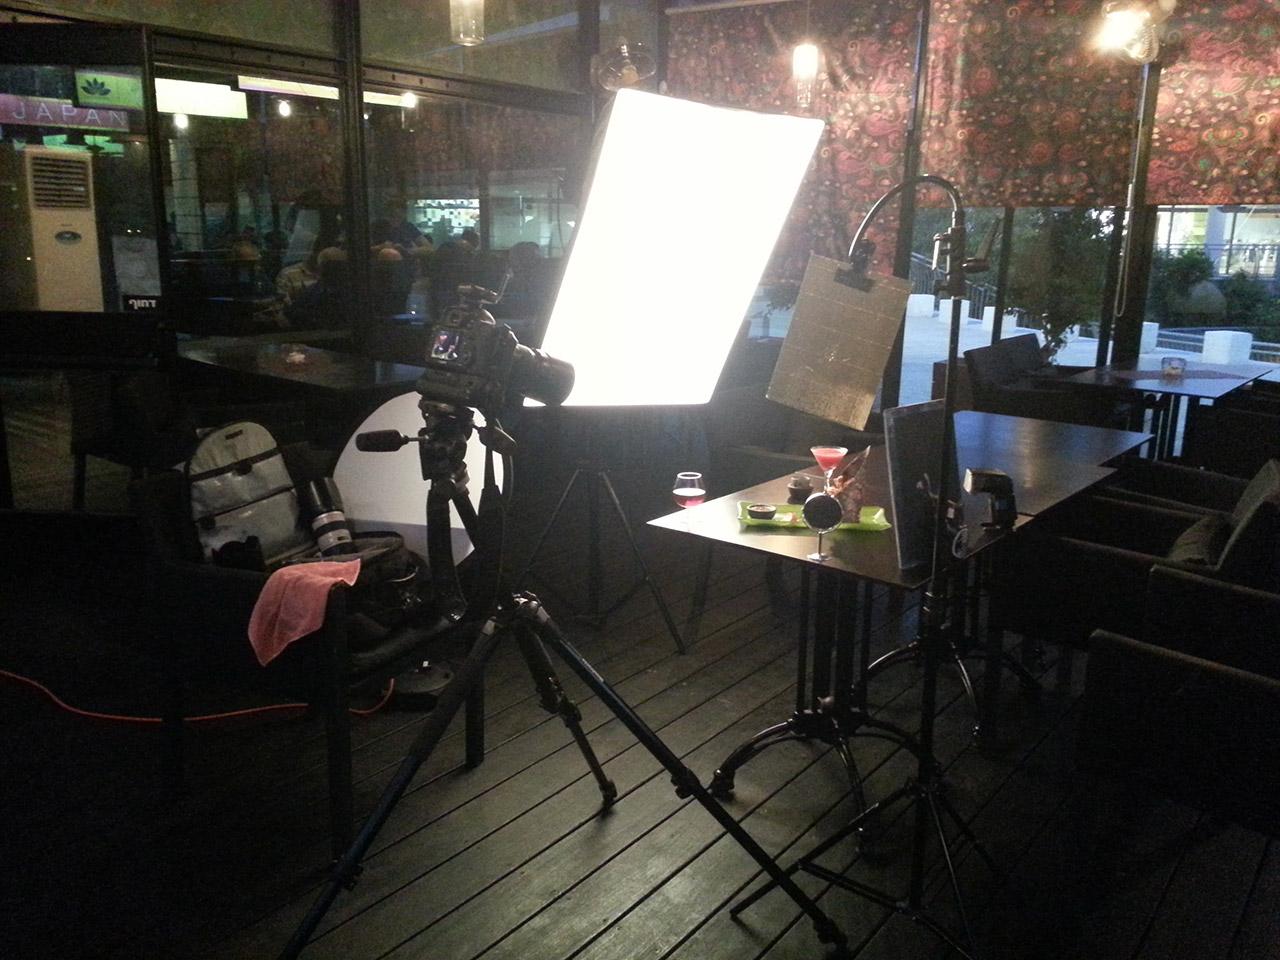 מנות במסעדה ,צלם מזון,צלם תדמית,צלם מוצרים,צלם סטודיו בעסק הלקוח